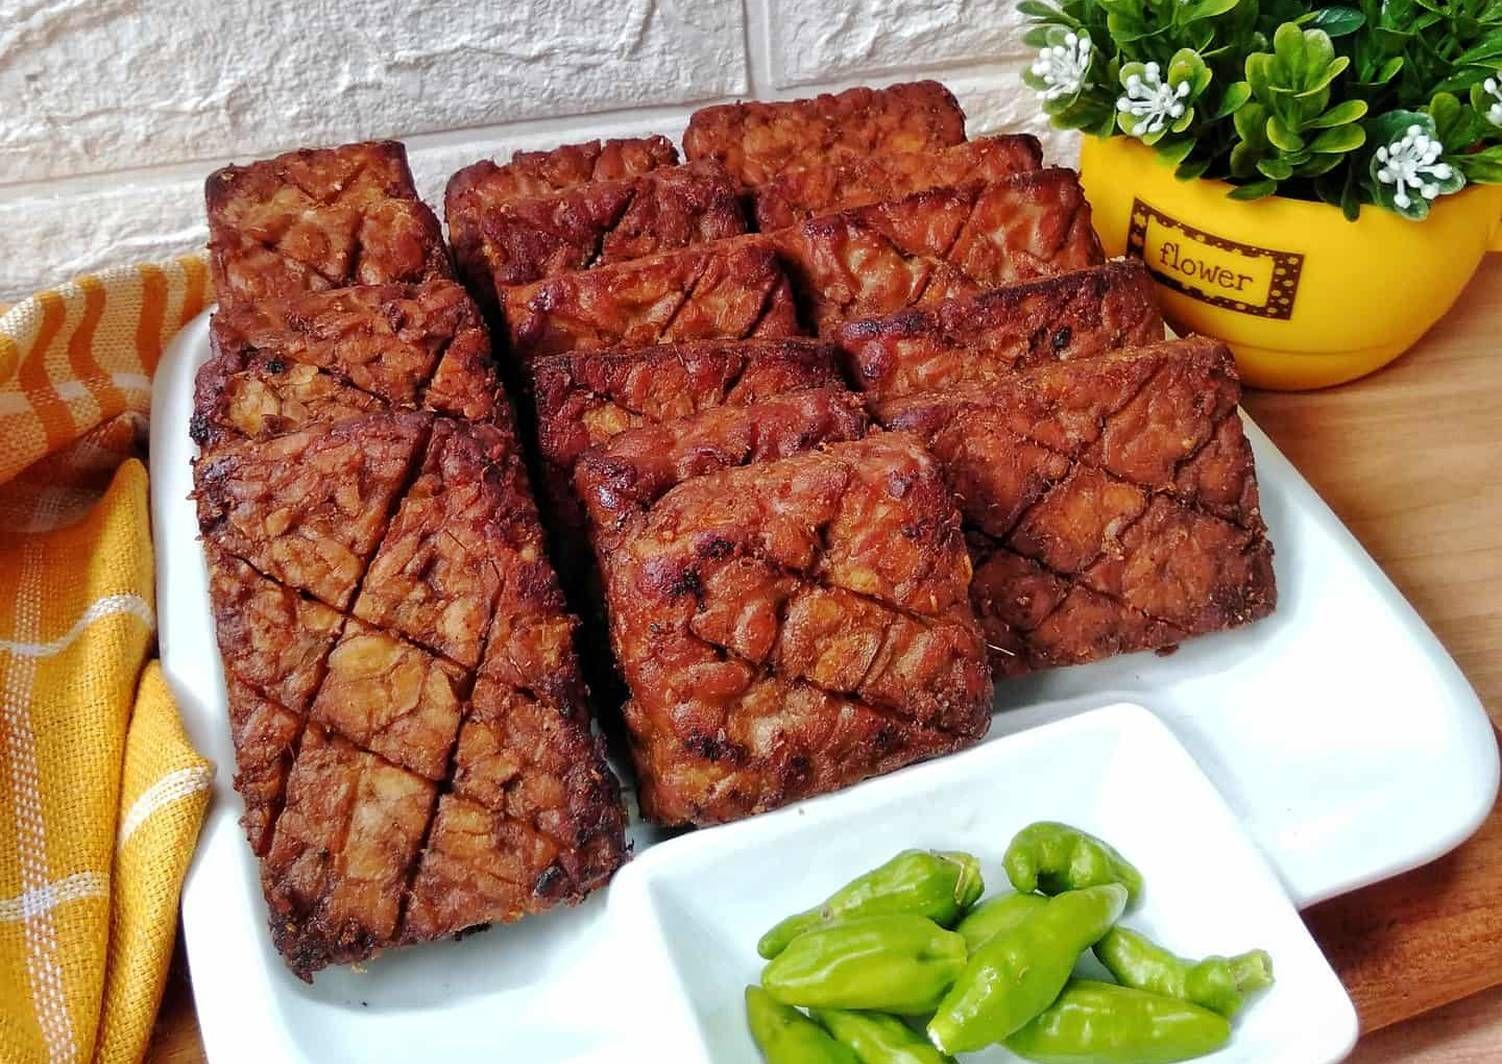 Resep Tempe Bacem Oleh Susan Mellyani Resep Resep Tempe Resep Masakan Resep Masakan Indonesia